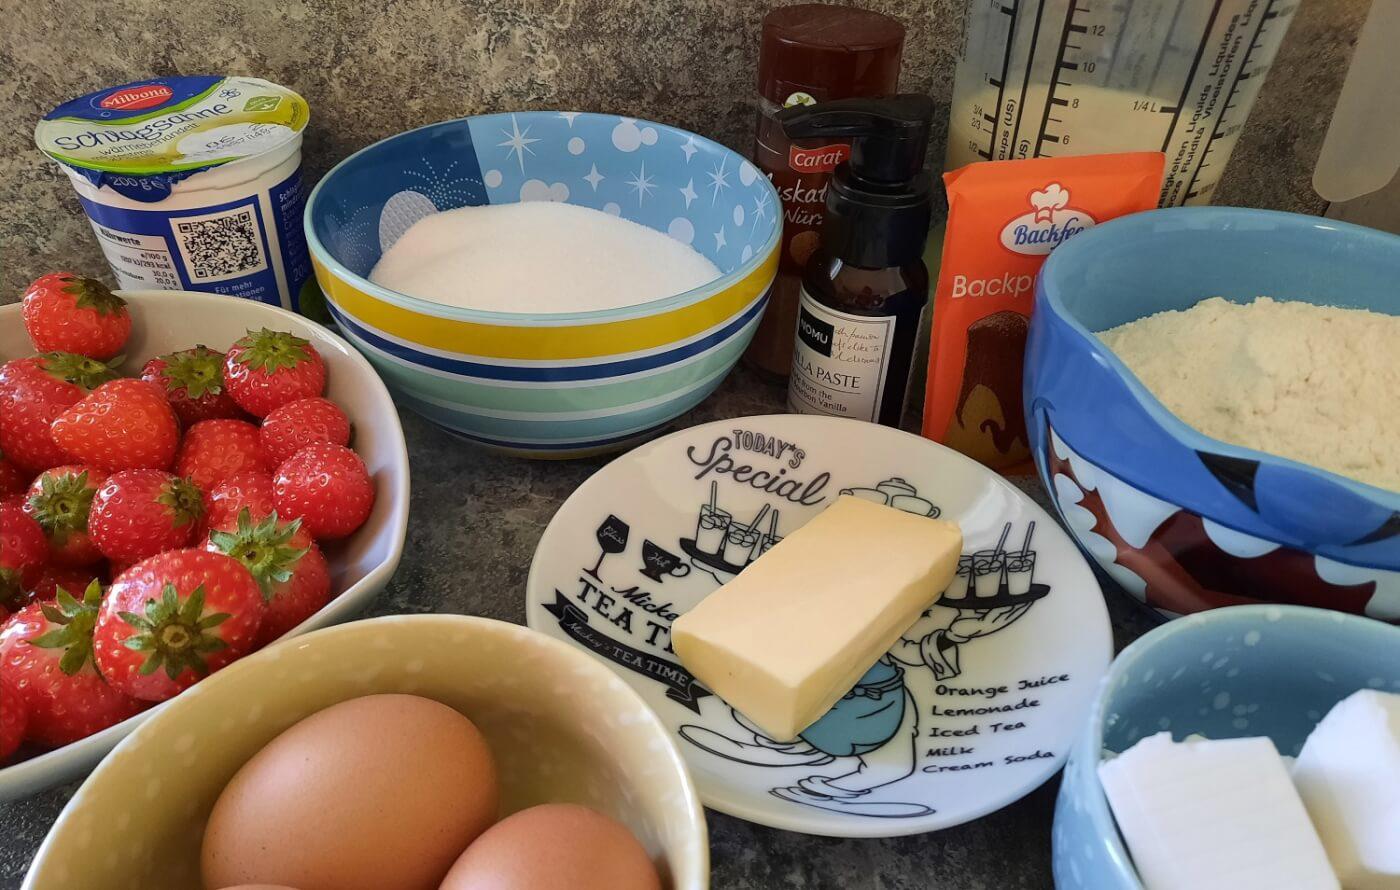 In mehreren Schalen liegen die für den Strawberry Shortcake benötigten Zutaten